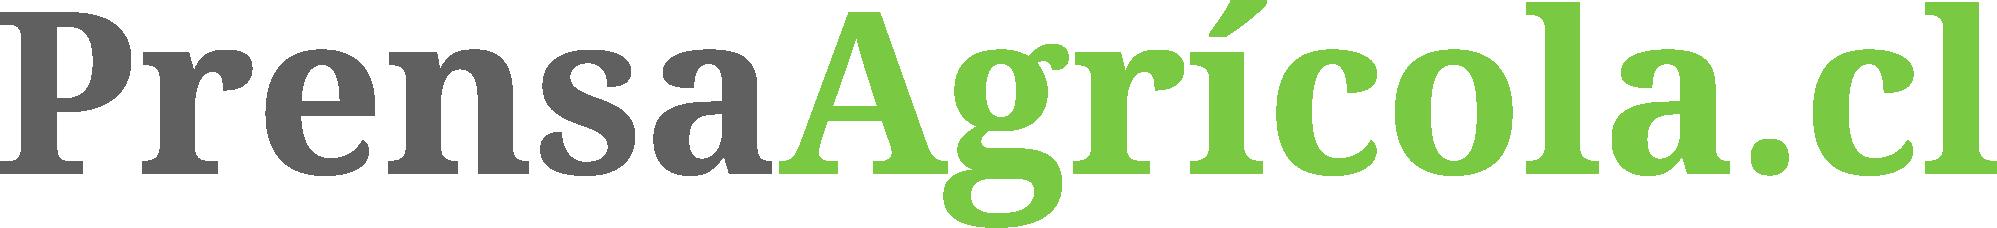 Prensa Agrícola